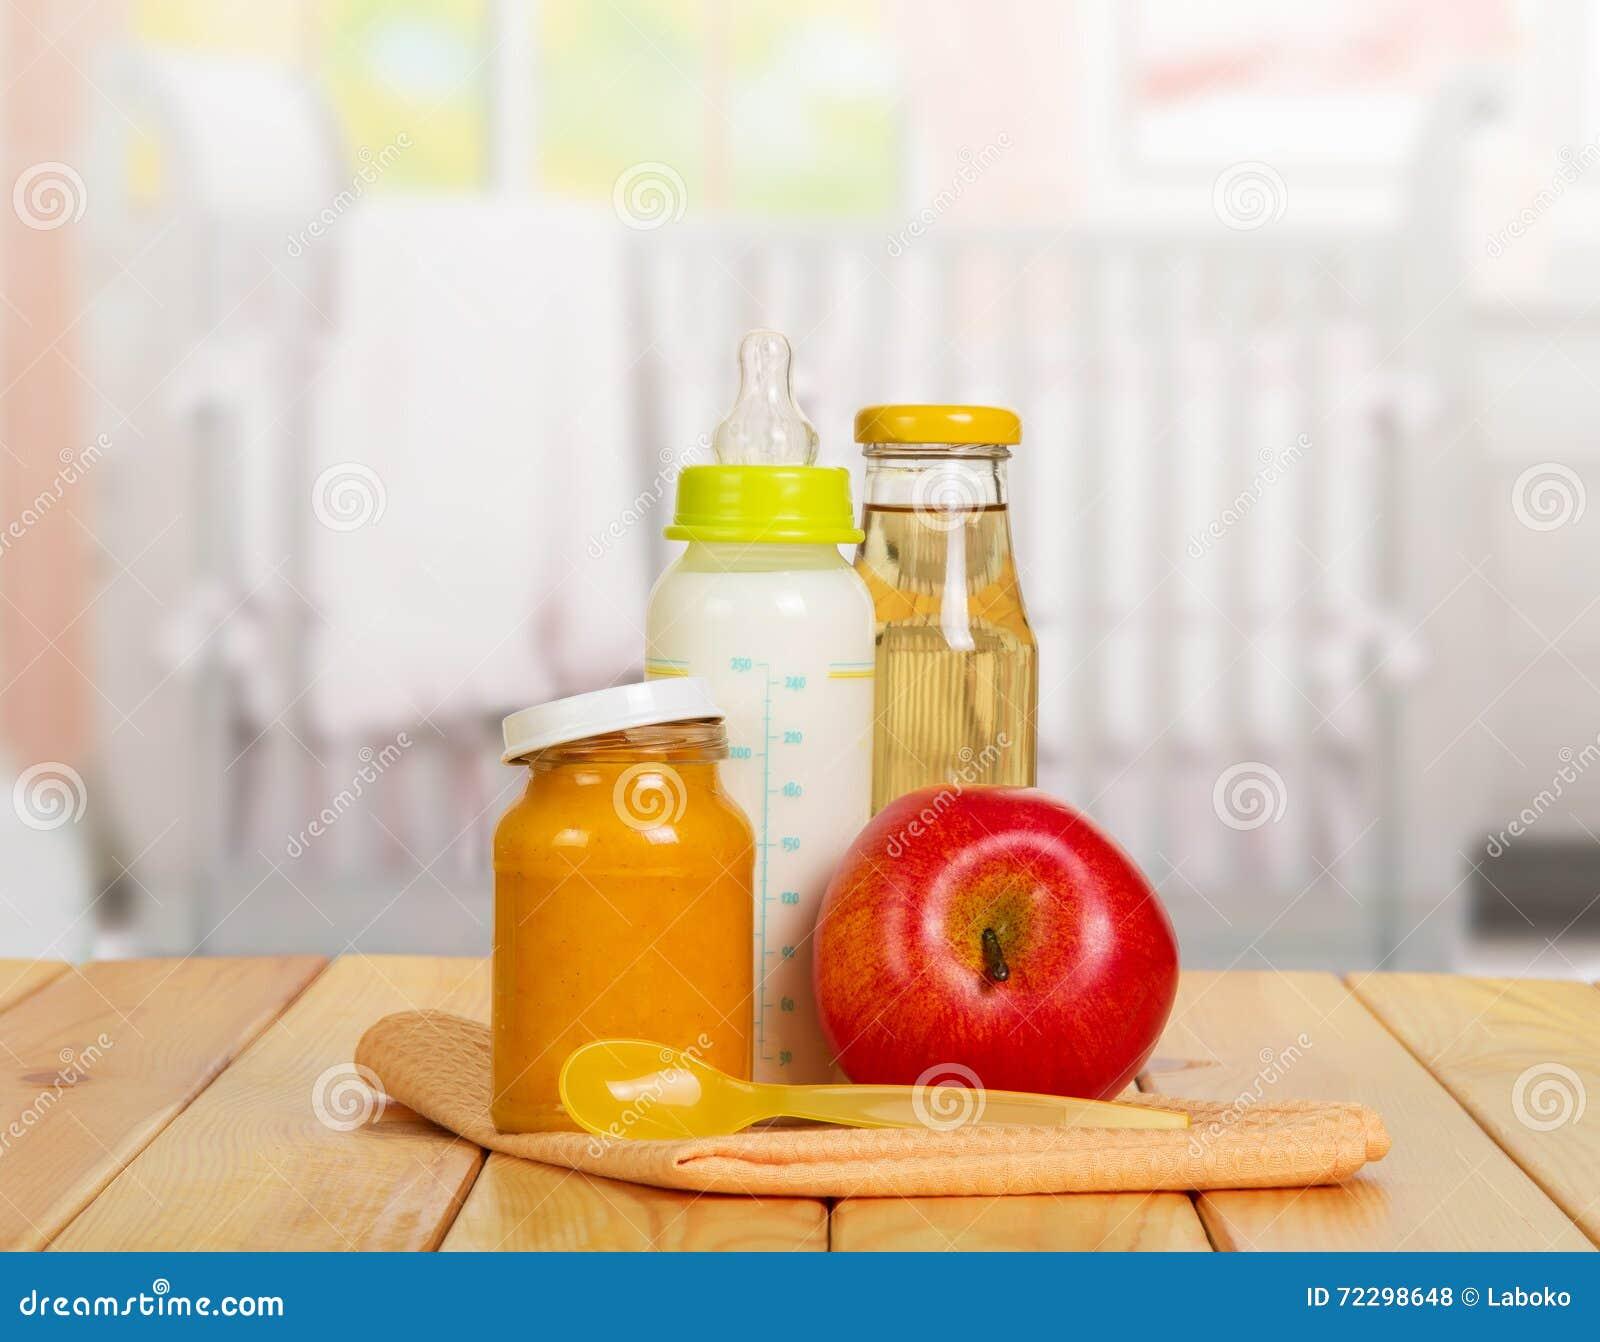 Download Здоровое детское питание: молоко, сок, пюре, яблоко на кухне предпосылки Стоковое Фото - изображение насчитывающей aztecan, свеже: 72298648